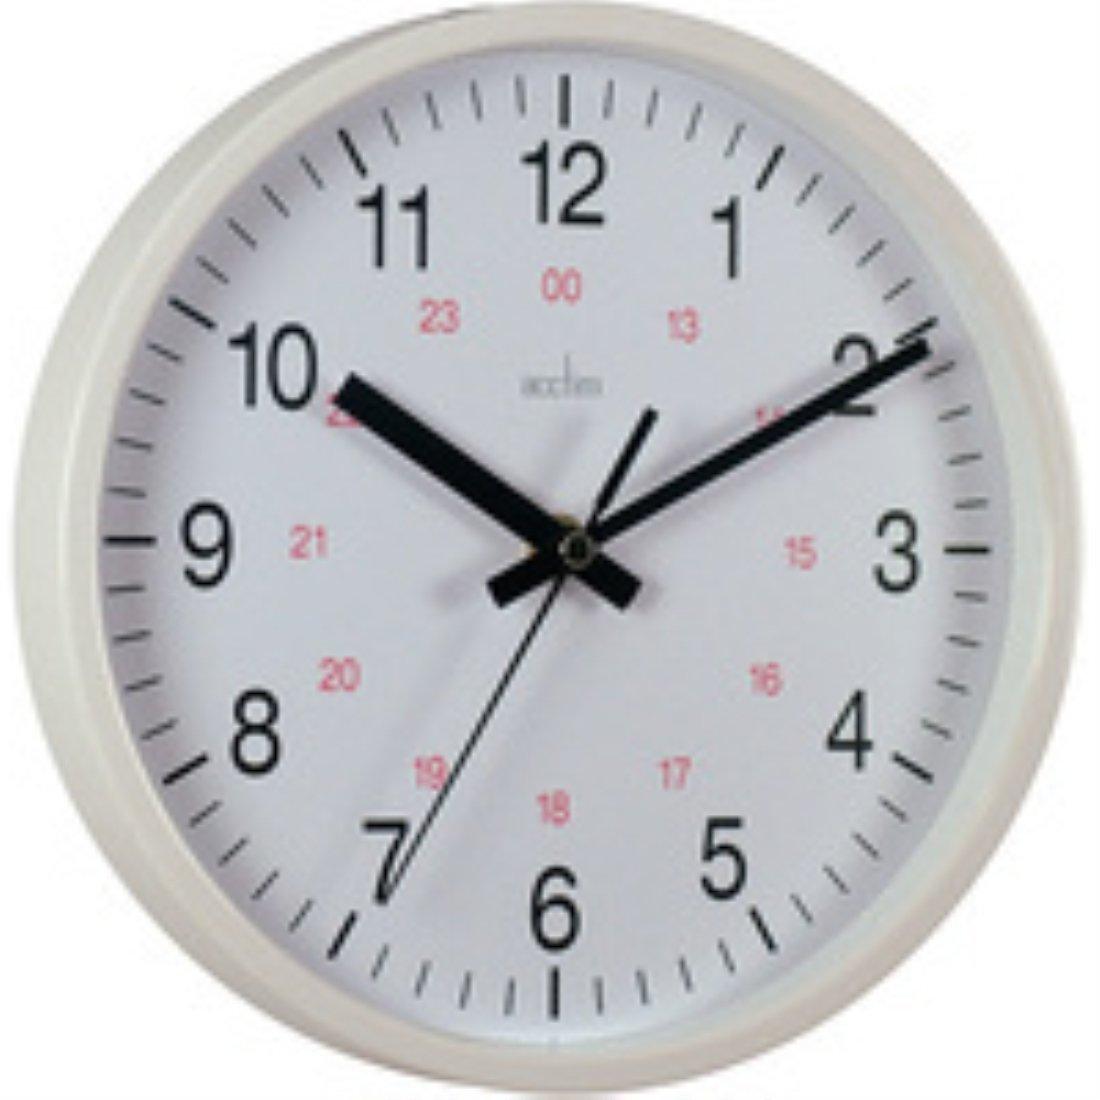 Acctim 21162 metro wall clock white amazon kitchen home amipublicfo Choice Image